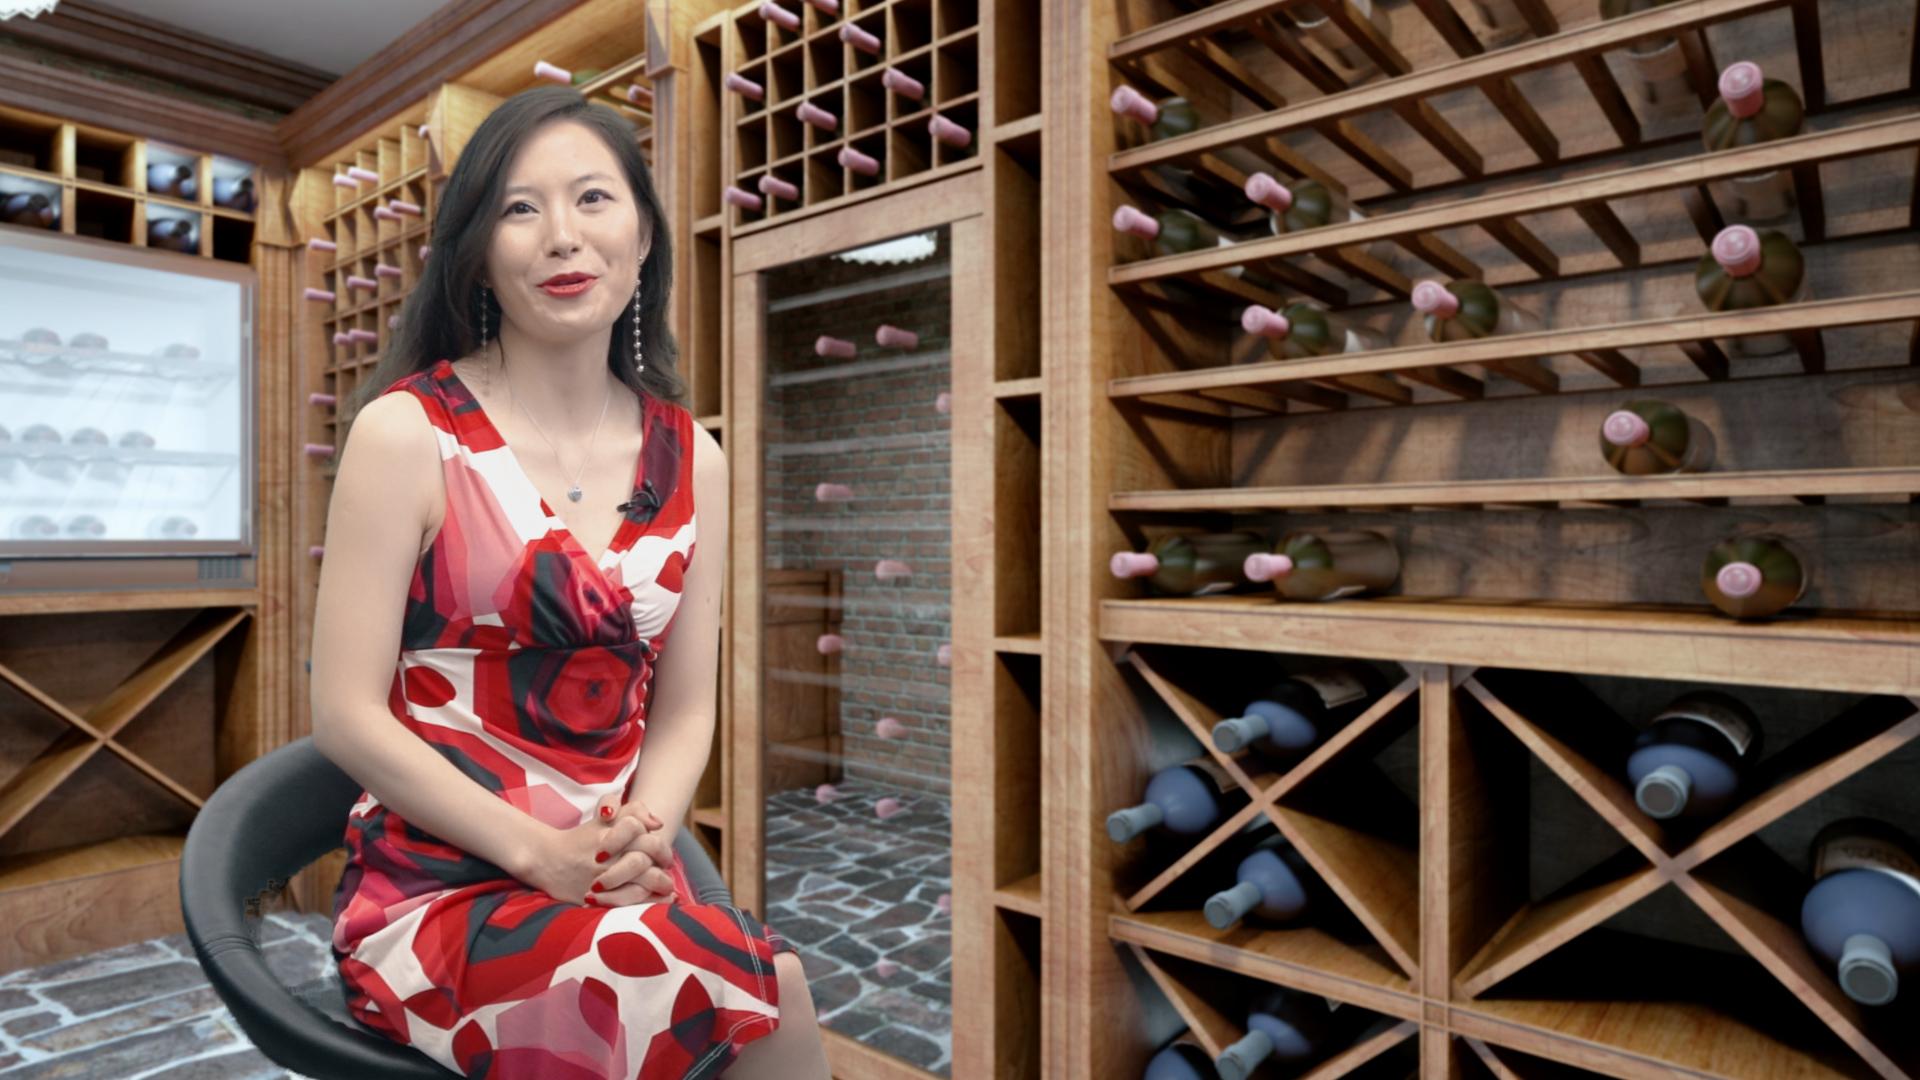 Stacey的葡萄酒世界-從酒標了解葡萄酒 解讀酒標8個術語-成熟度與酒莊資訊